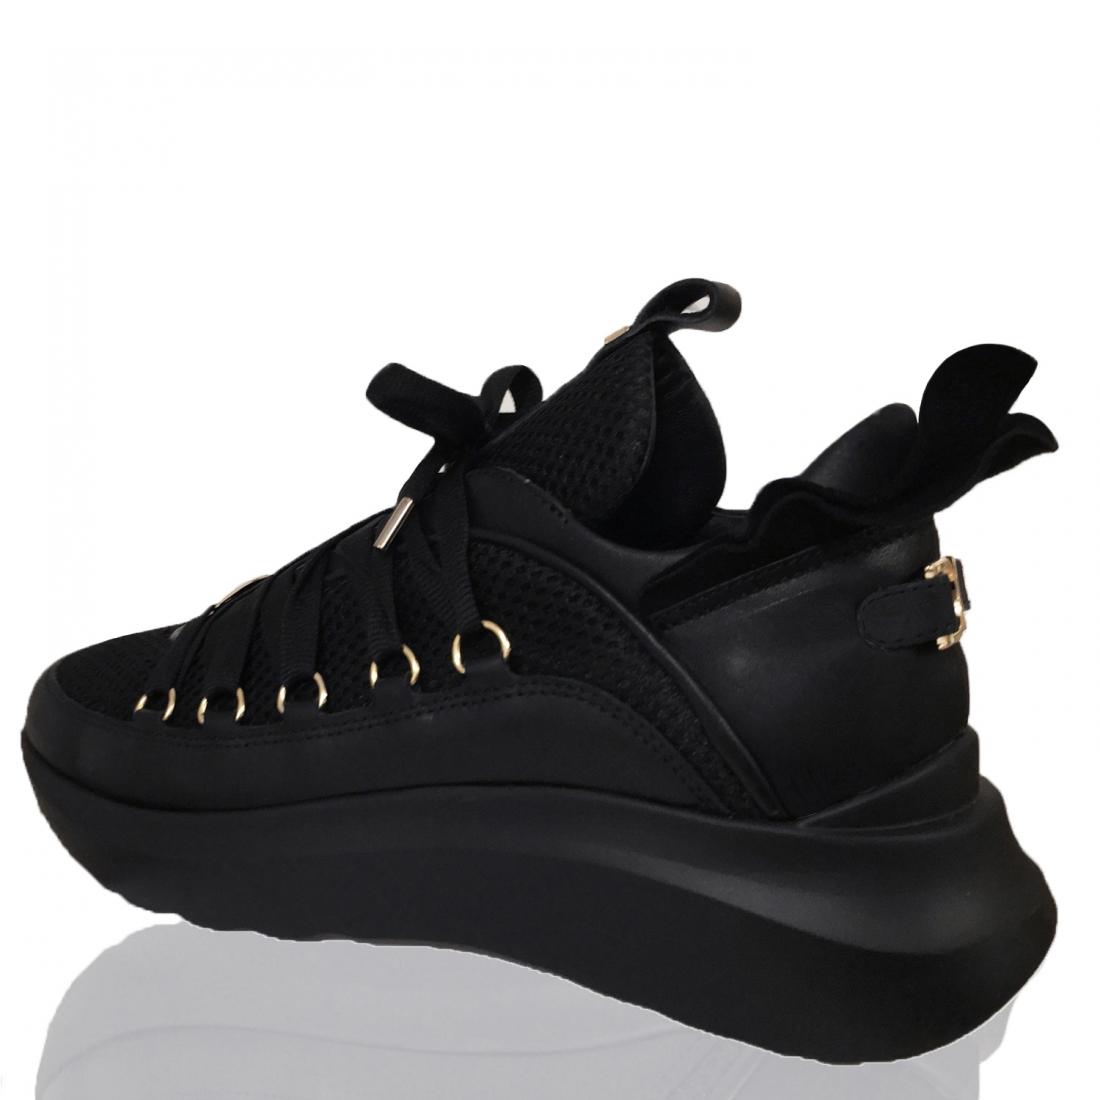 sneakers-2-black-3